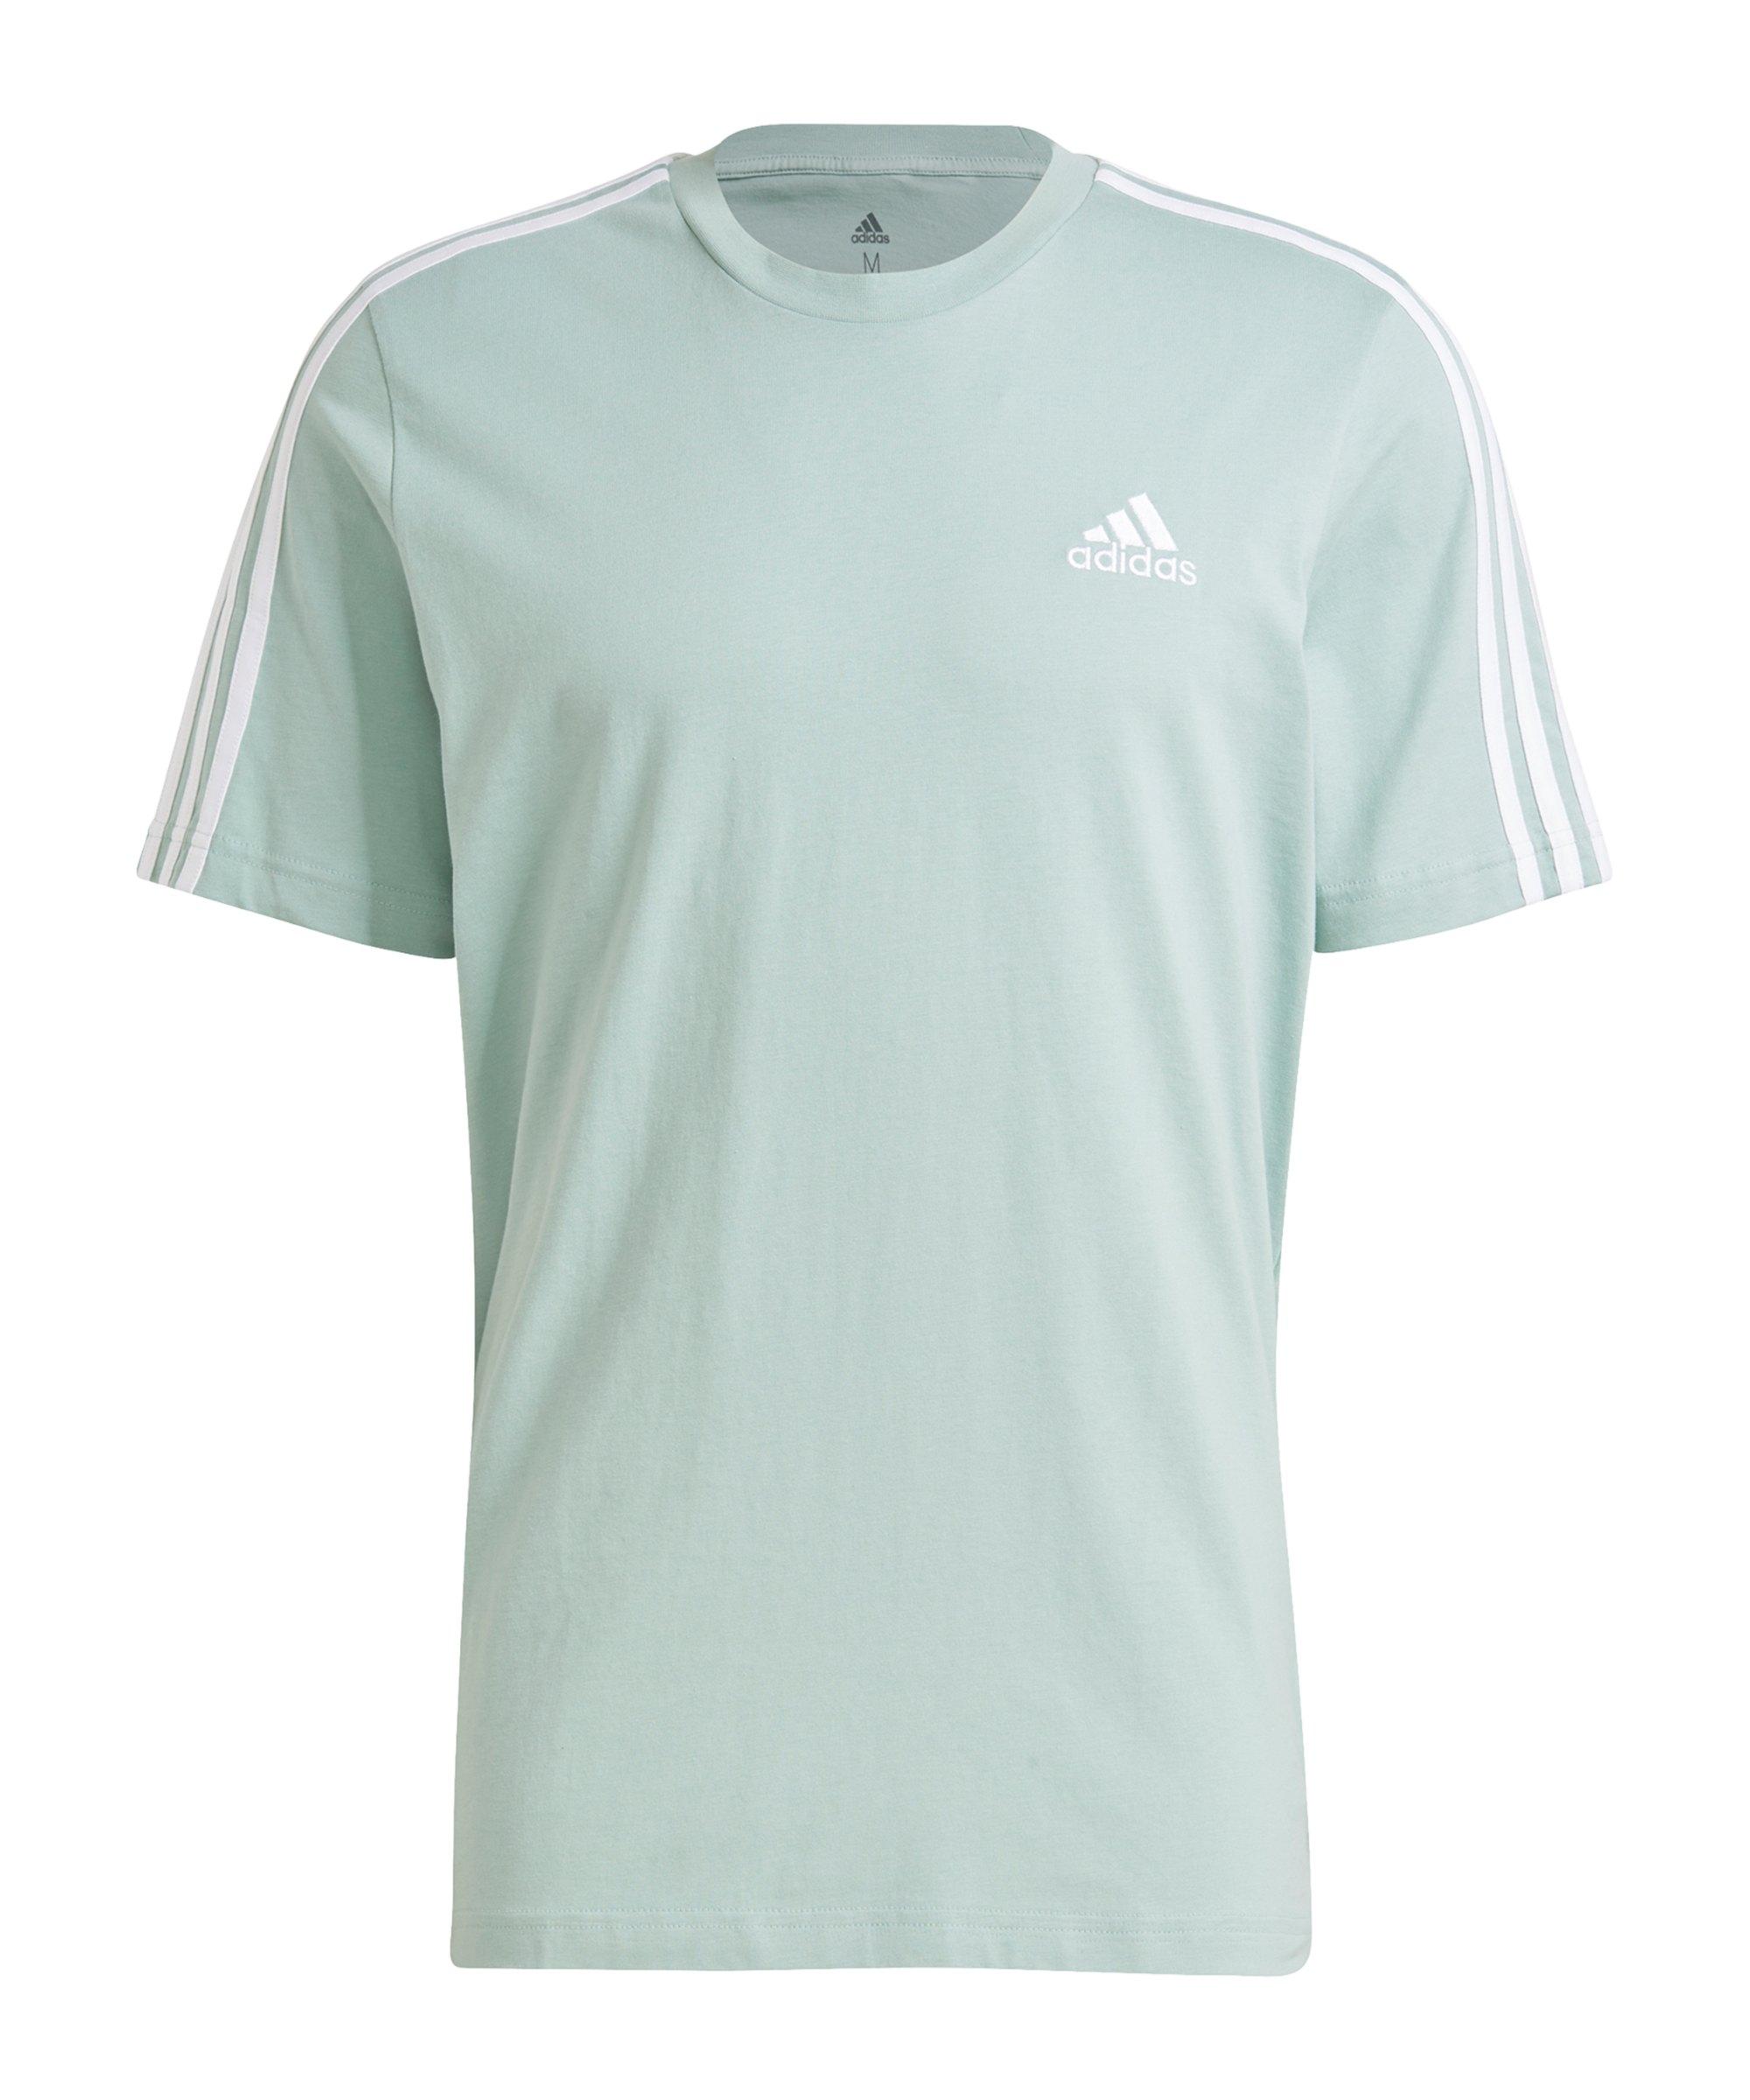 adidas Essentials T-Shirt Hellgrün - gruen